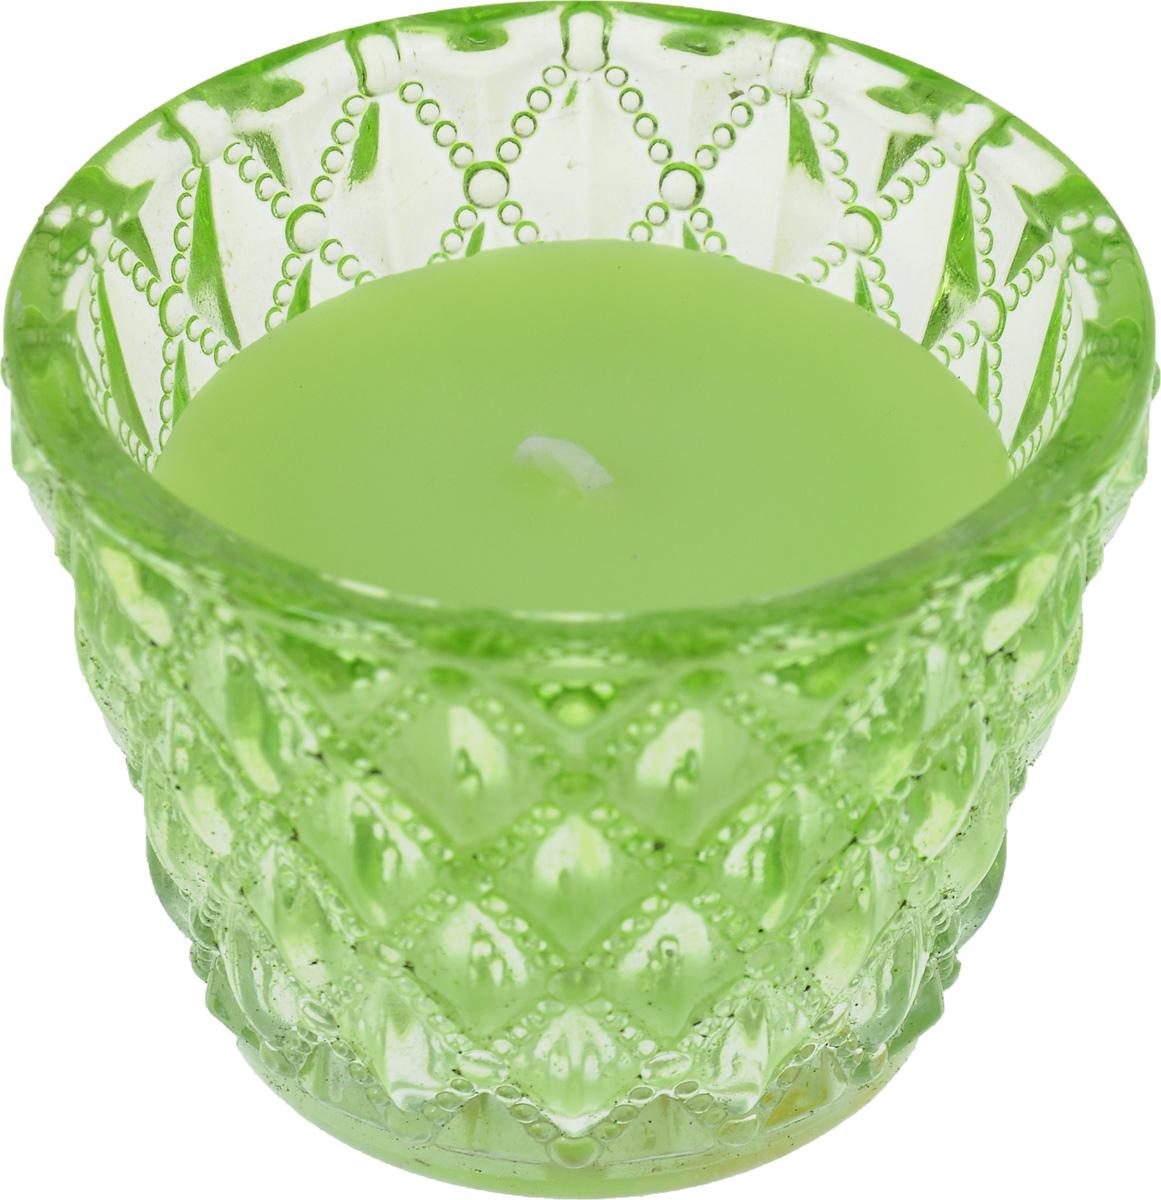 Свеча декоративная Феникс-презент Зеленый чай, ароматизированнаяБрелок для ключейОригинальная ароматизированная свеча Феникс-презент Зеленый чай, изготовленная из парафина, помещена в стакан из стекла с рельефной поверхностью. Свеча наполнит вашу комнату приятным цветочным ароматом и создаст уютную атмосферу. Вы можете поставить свечу в любом месте, где она будет удачно смотреться и радовать глаз. Кроме того, эта свеча - отличный вариант подарка для ваших близких и друзей.